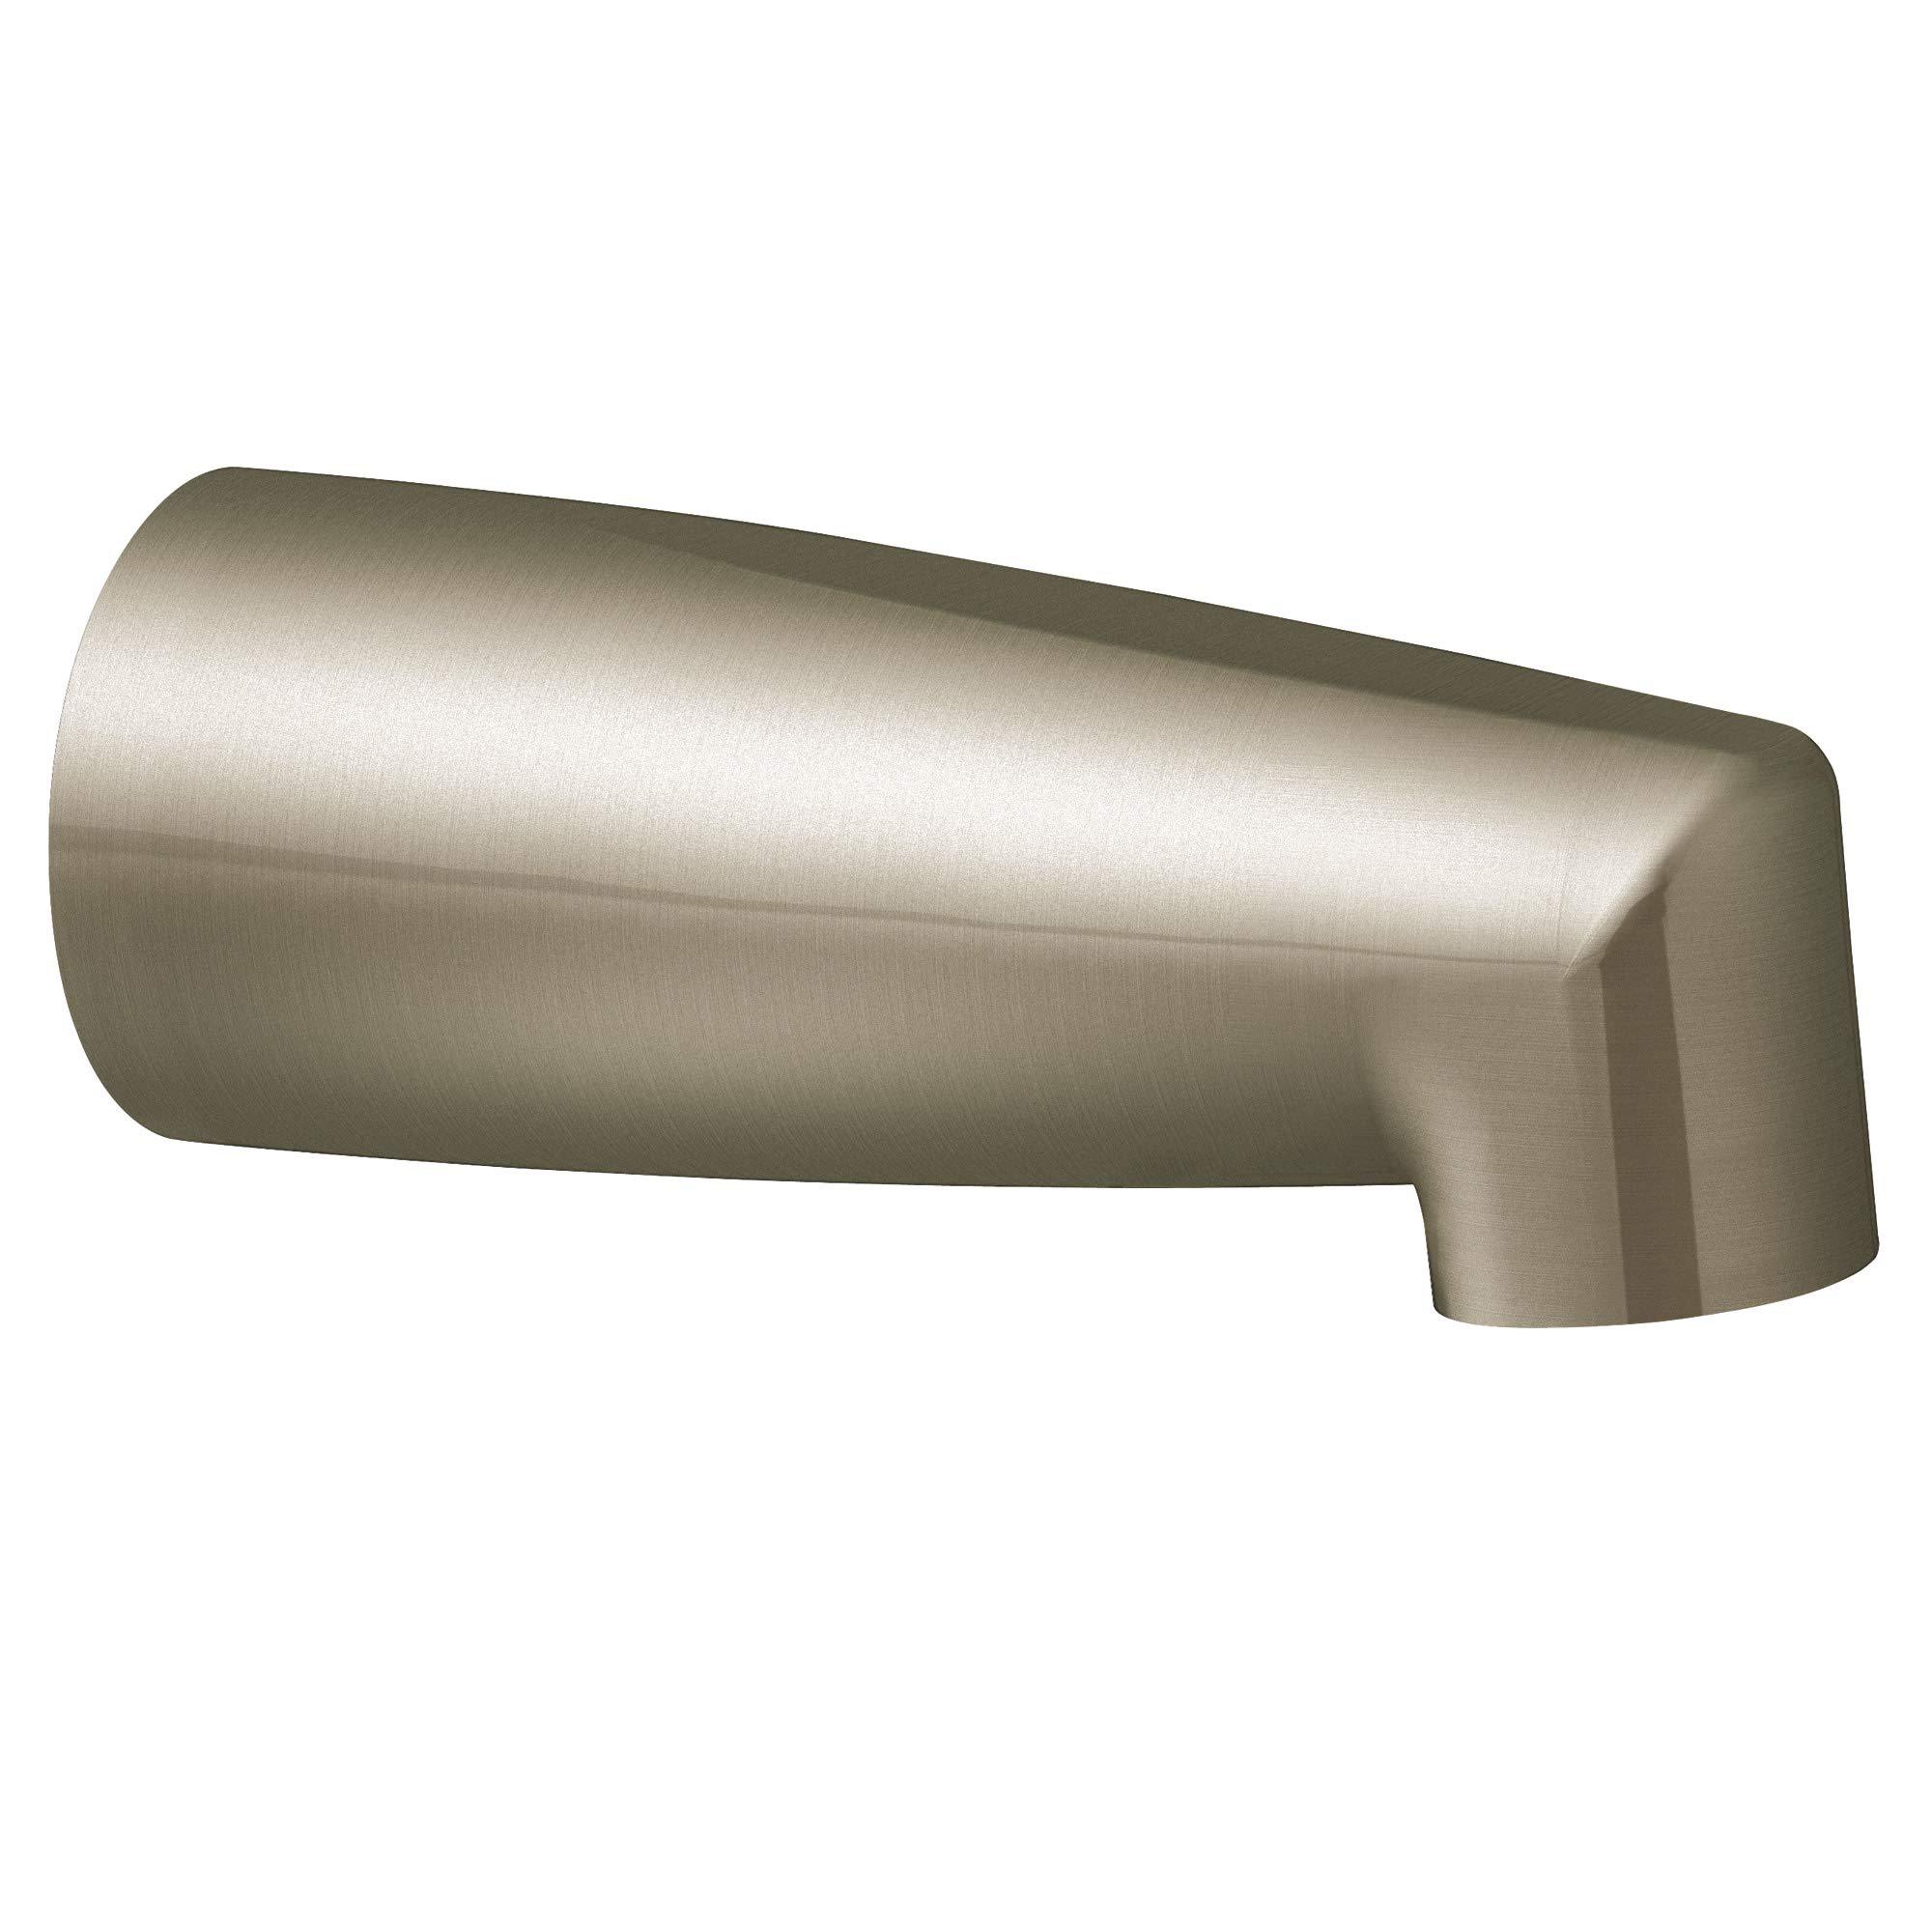 Moen 3829BN Non-Diverter 1/2-Inch CC Slip-Fit Tub Filler Spout, Brushed Nickel by Moen (Image #1)